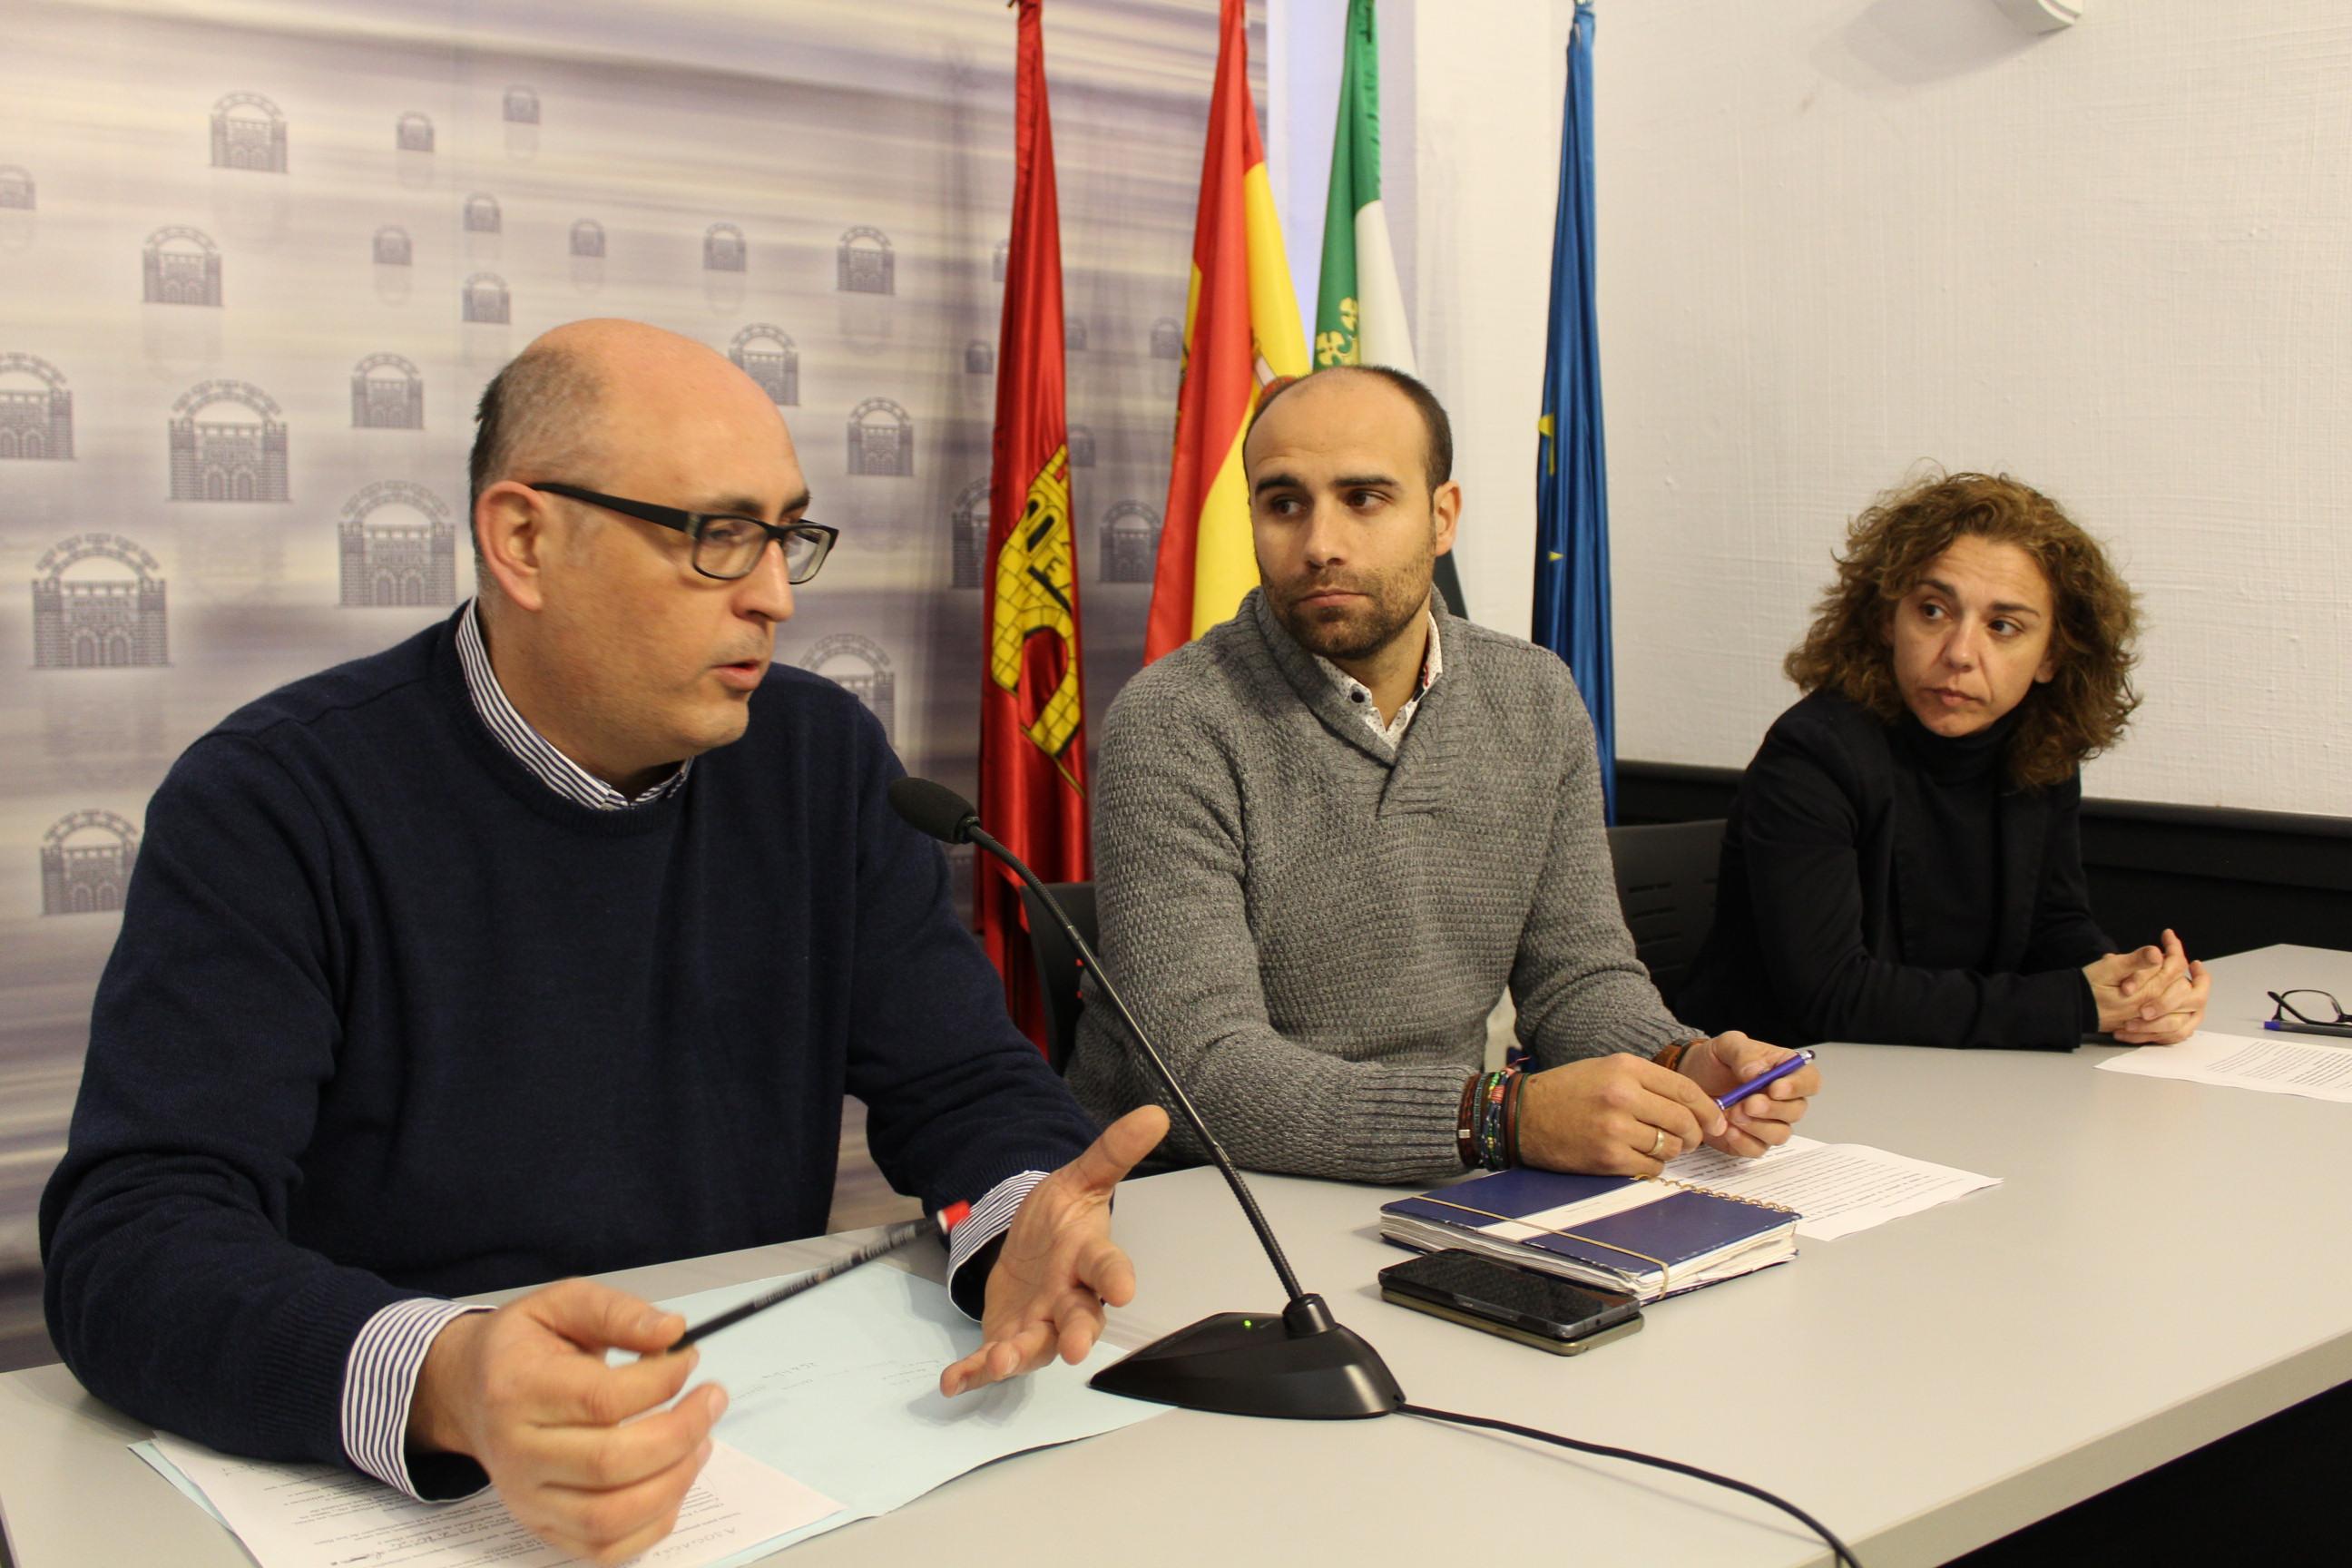 Se pondrá en marcha una agrupación musical que dará continuidad a la Banda Municipal de Mérida